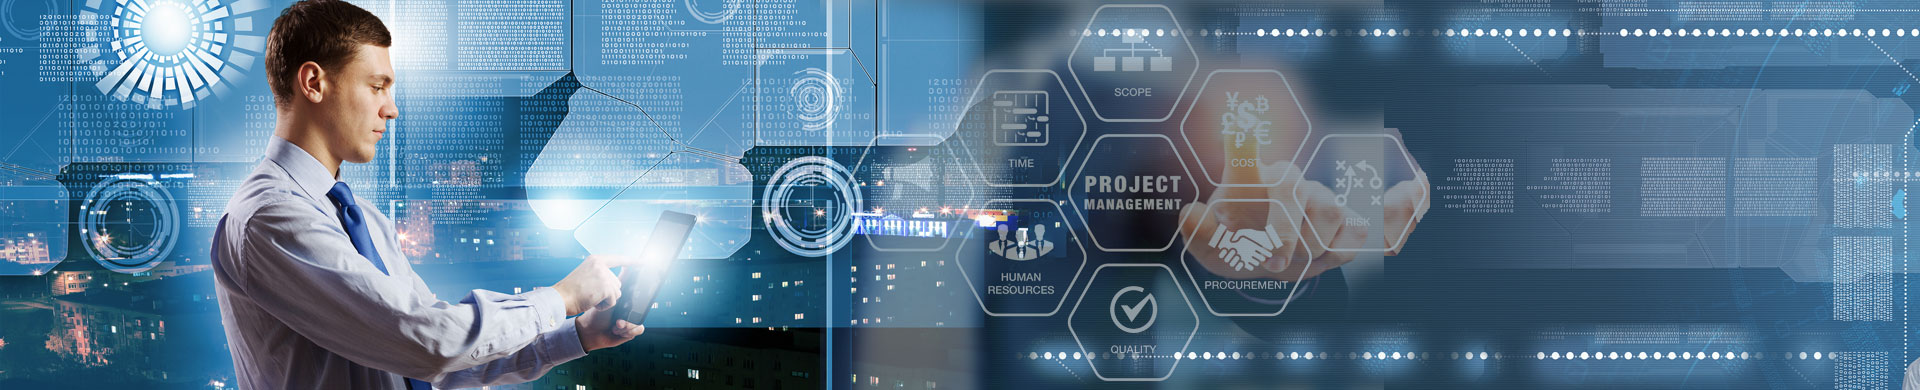 קורסים בהנדסת תעשייה וניהול